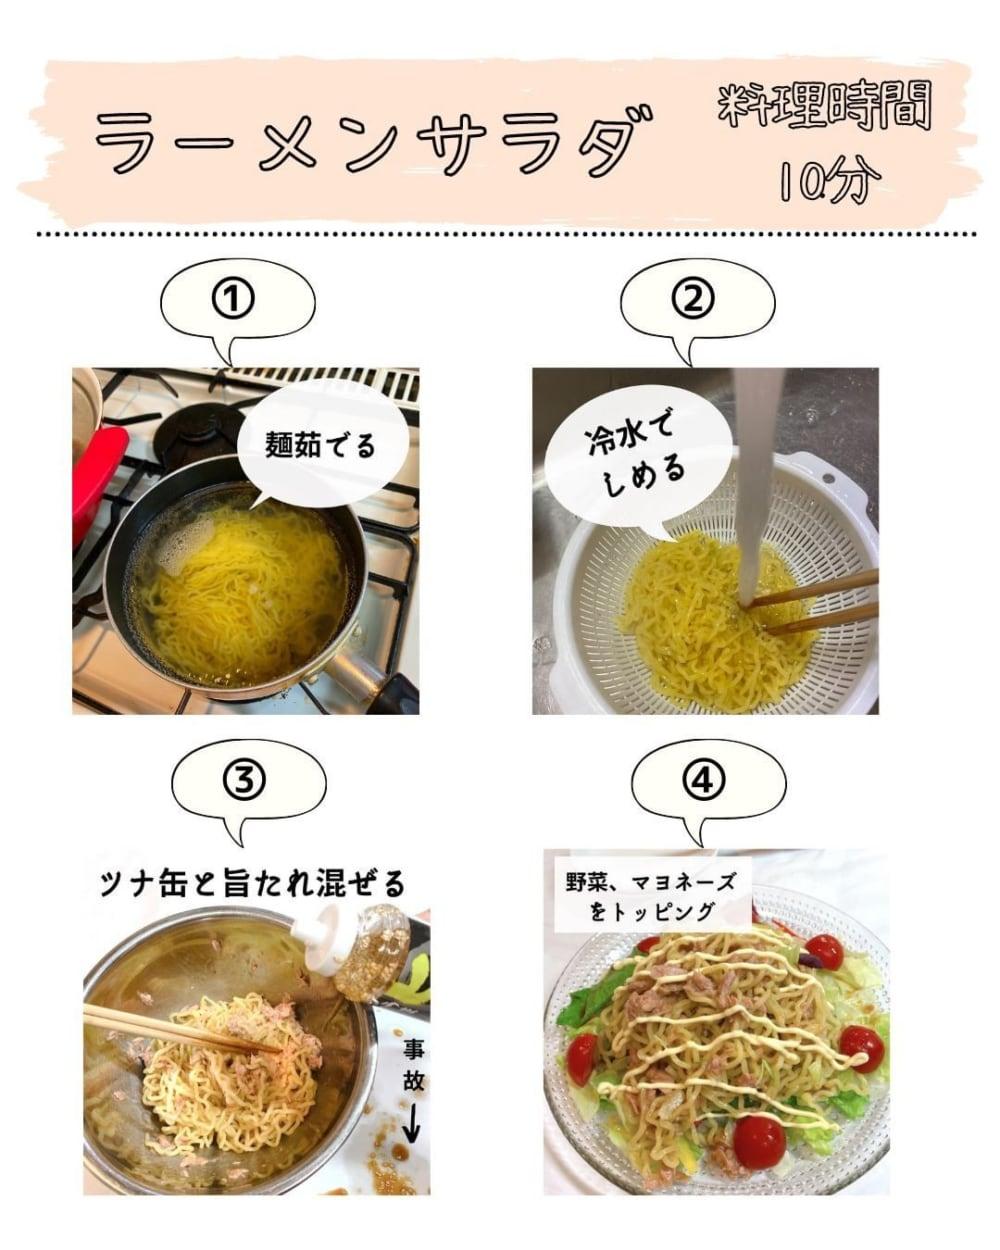 カルディのサラダの旨たれで作るラーメンサラダの作り方写真